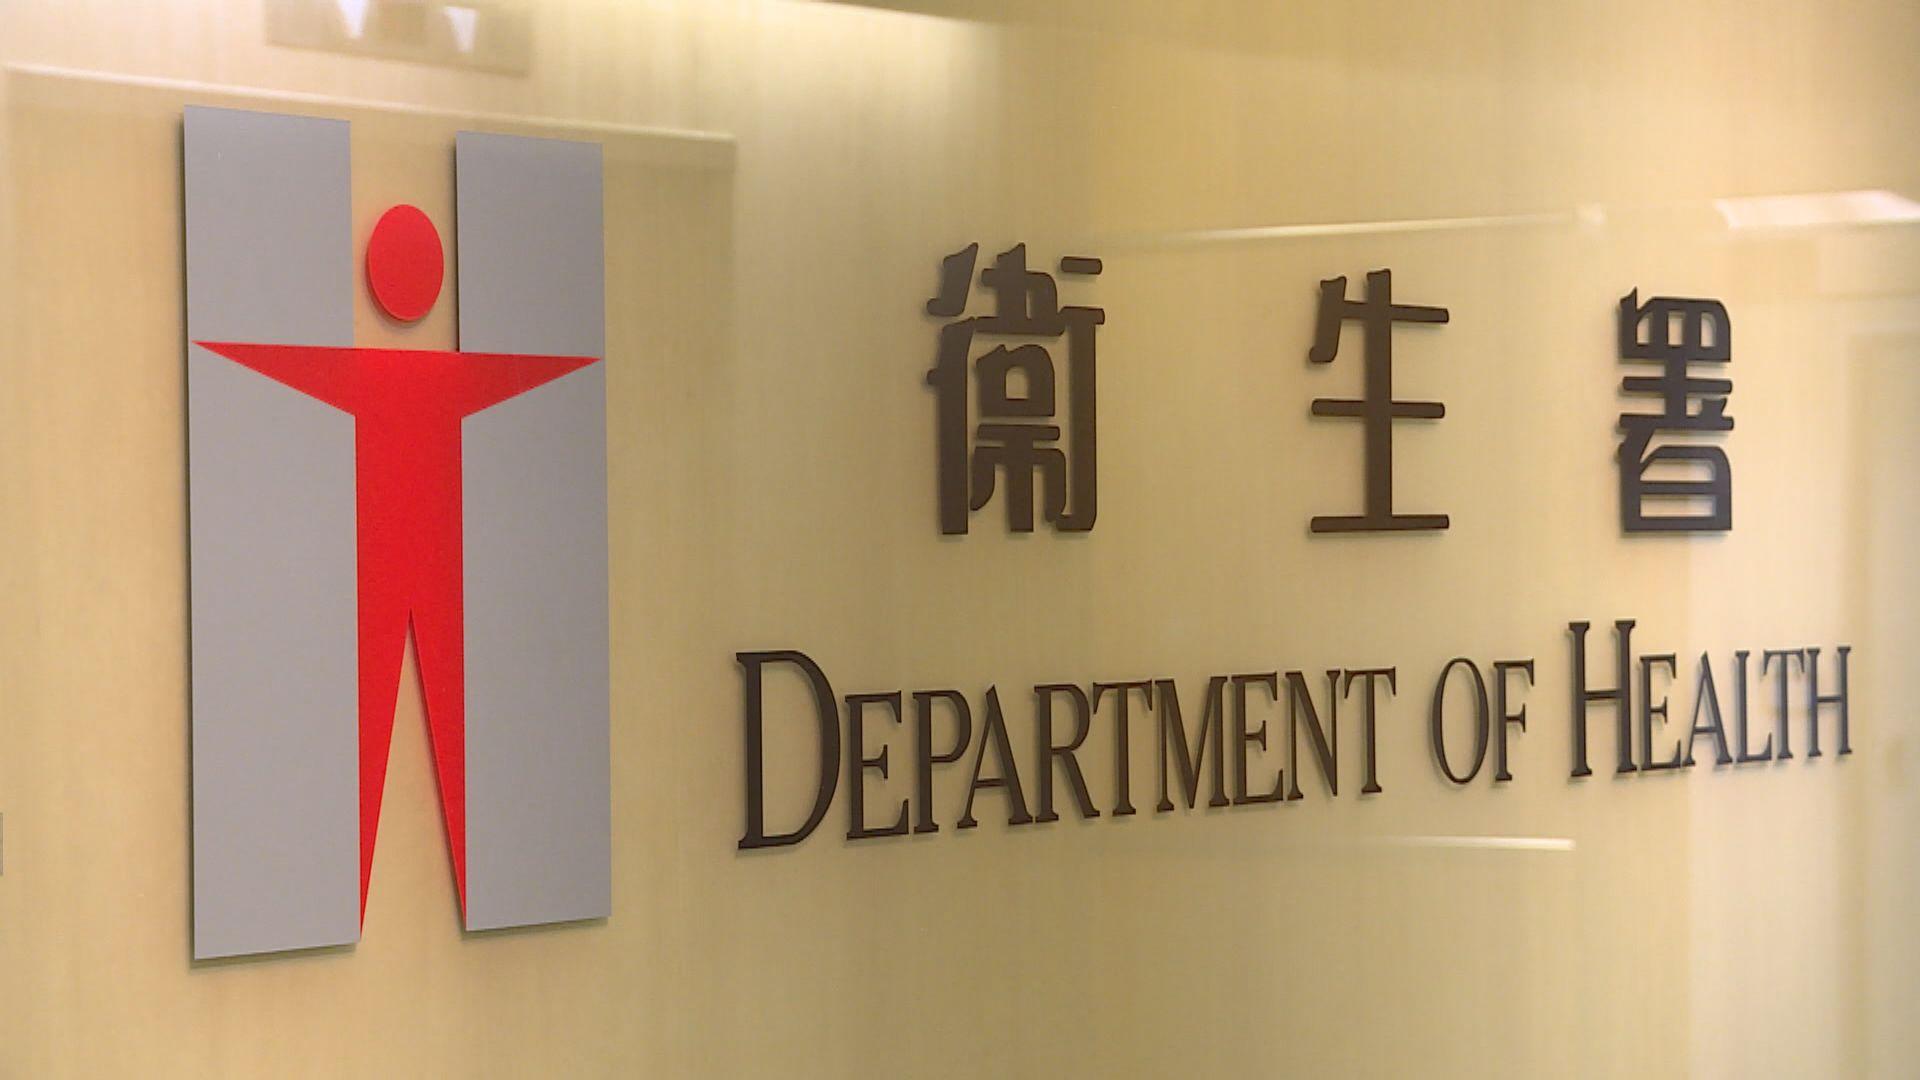 56歲男患者深圳工作 上周六乘香港快運東京返港